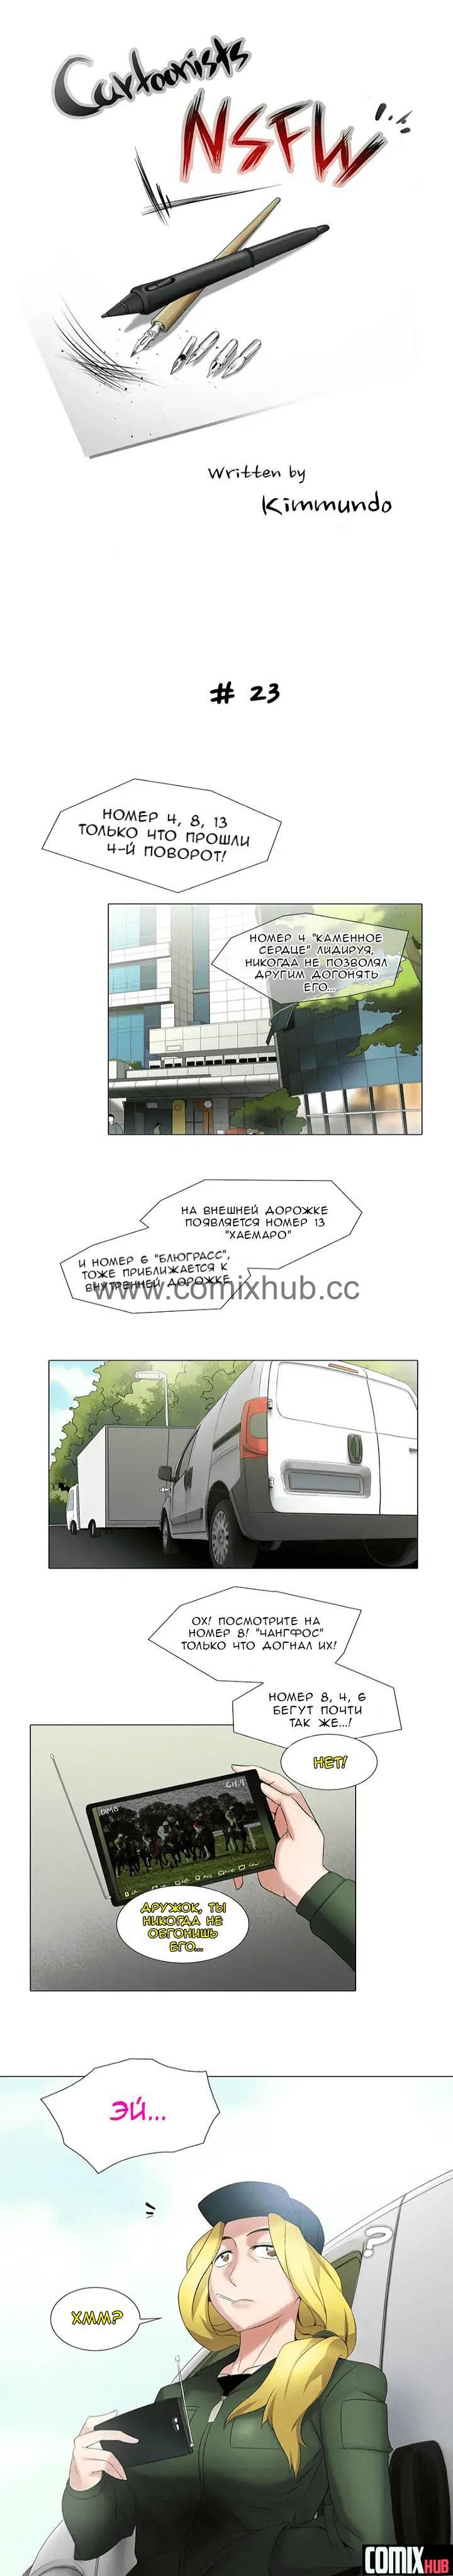 Манхва Художники для взрослых, часть 28 Хентай манга, манхва, Без цензуры, Большая грудь, Большие члены, Минет